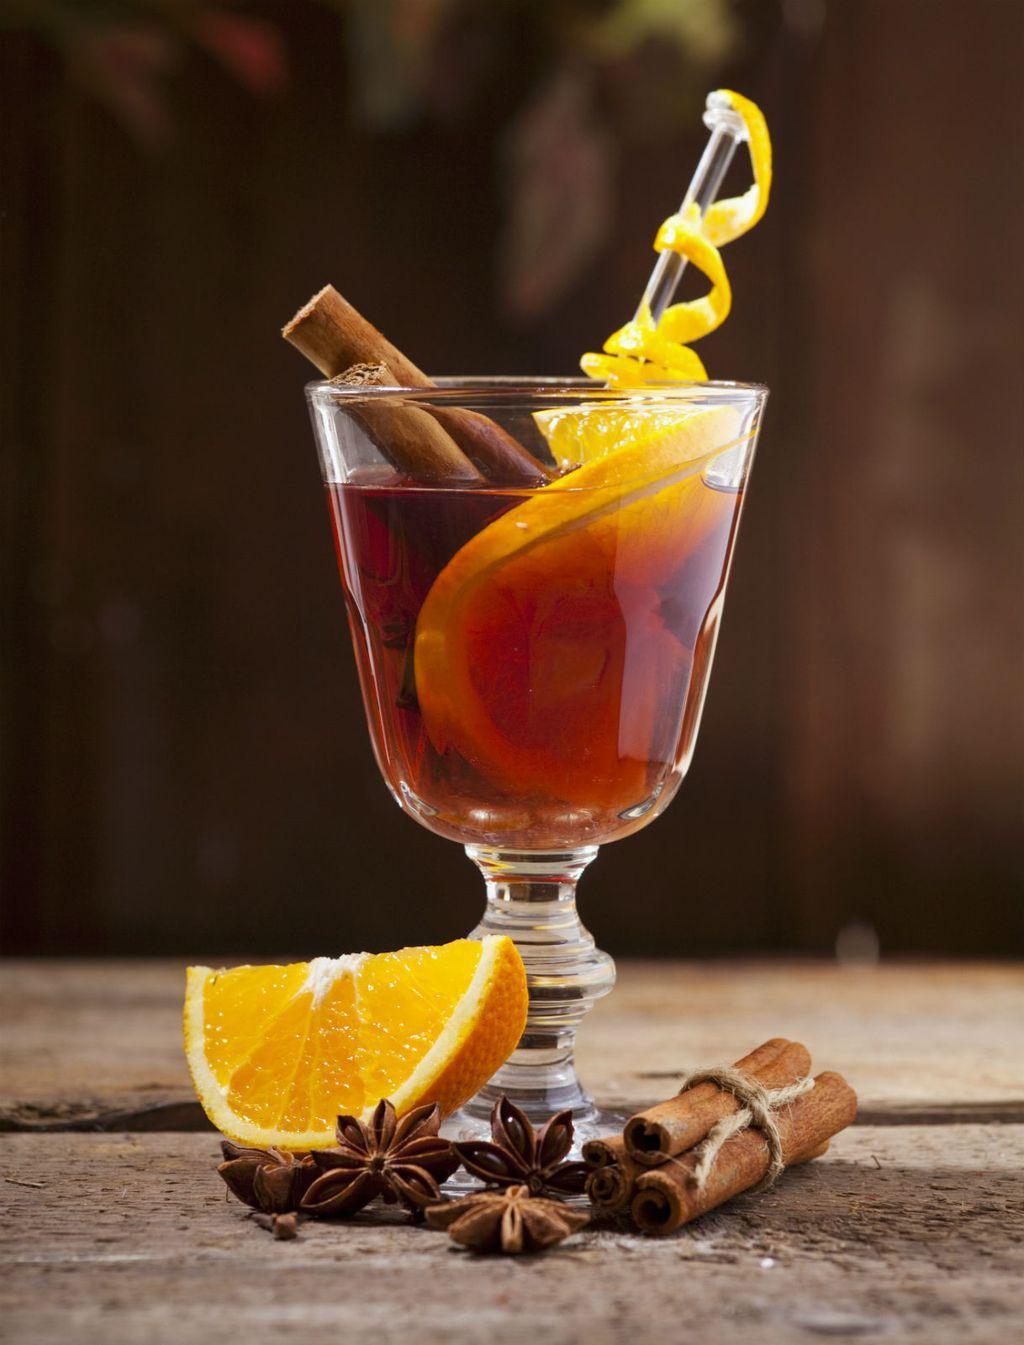 Kuhano vino poslužite u atraktivnoj čaši ili šalici s komadićima voća